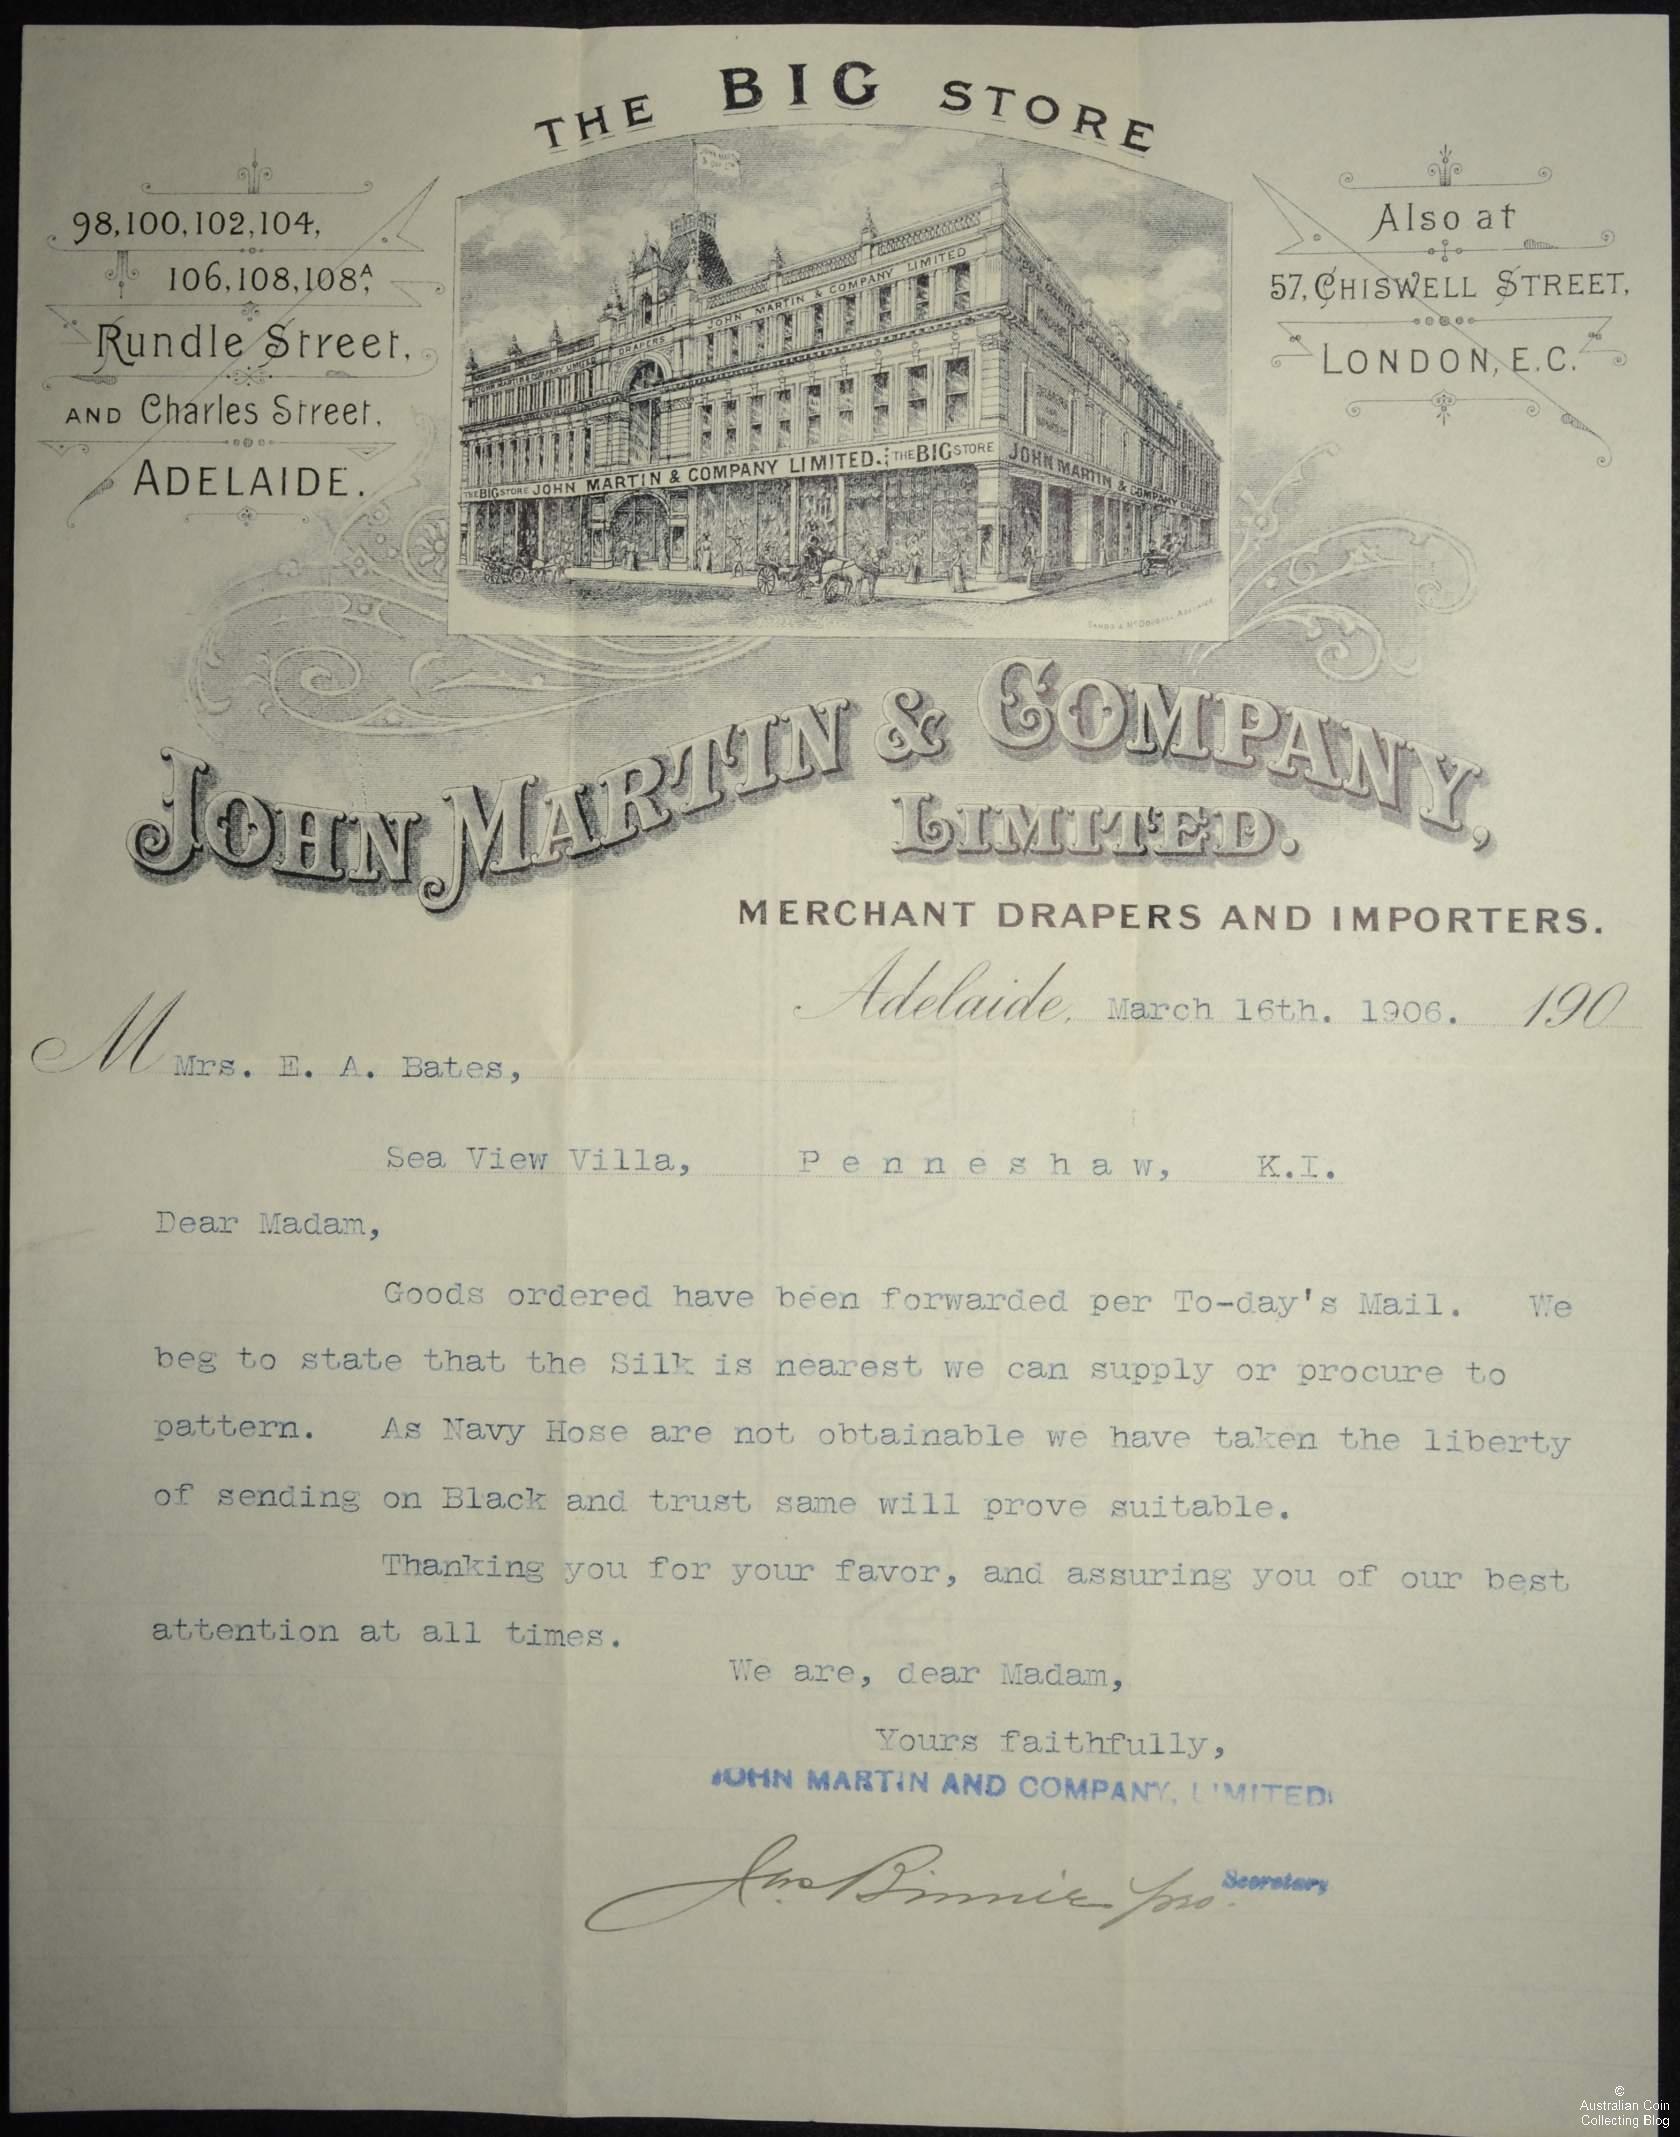 John Martin Letter to Mrs E A Bates 1906